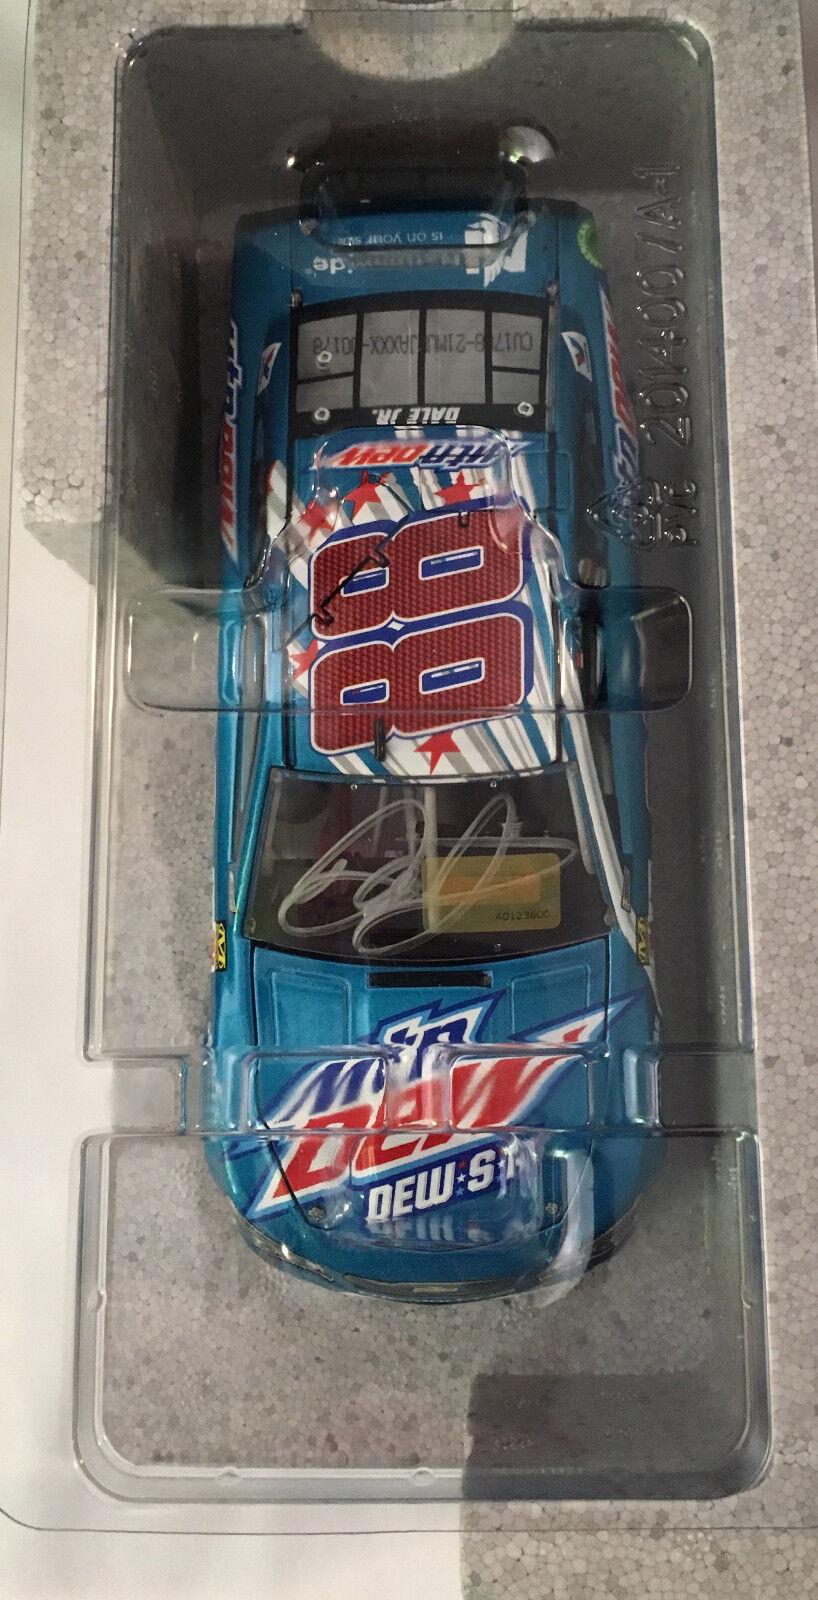 Auto Dale Earnhardt Jr Autografiada 2017 Mountain Dew S a 1 24